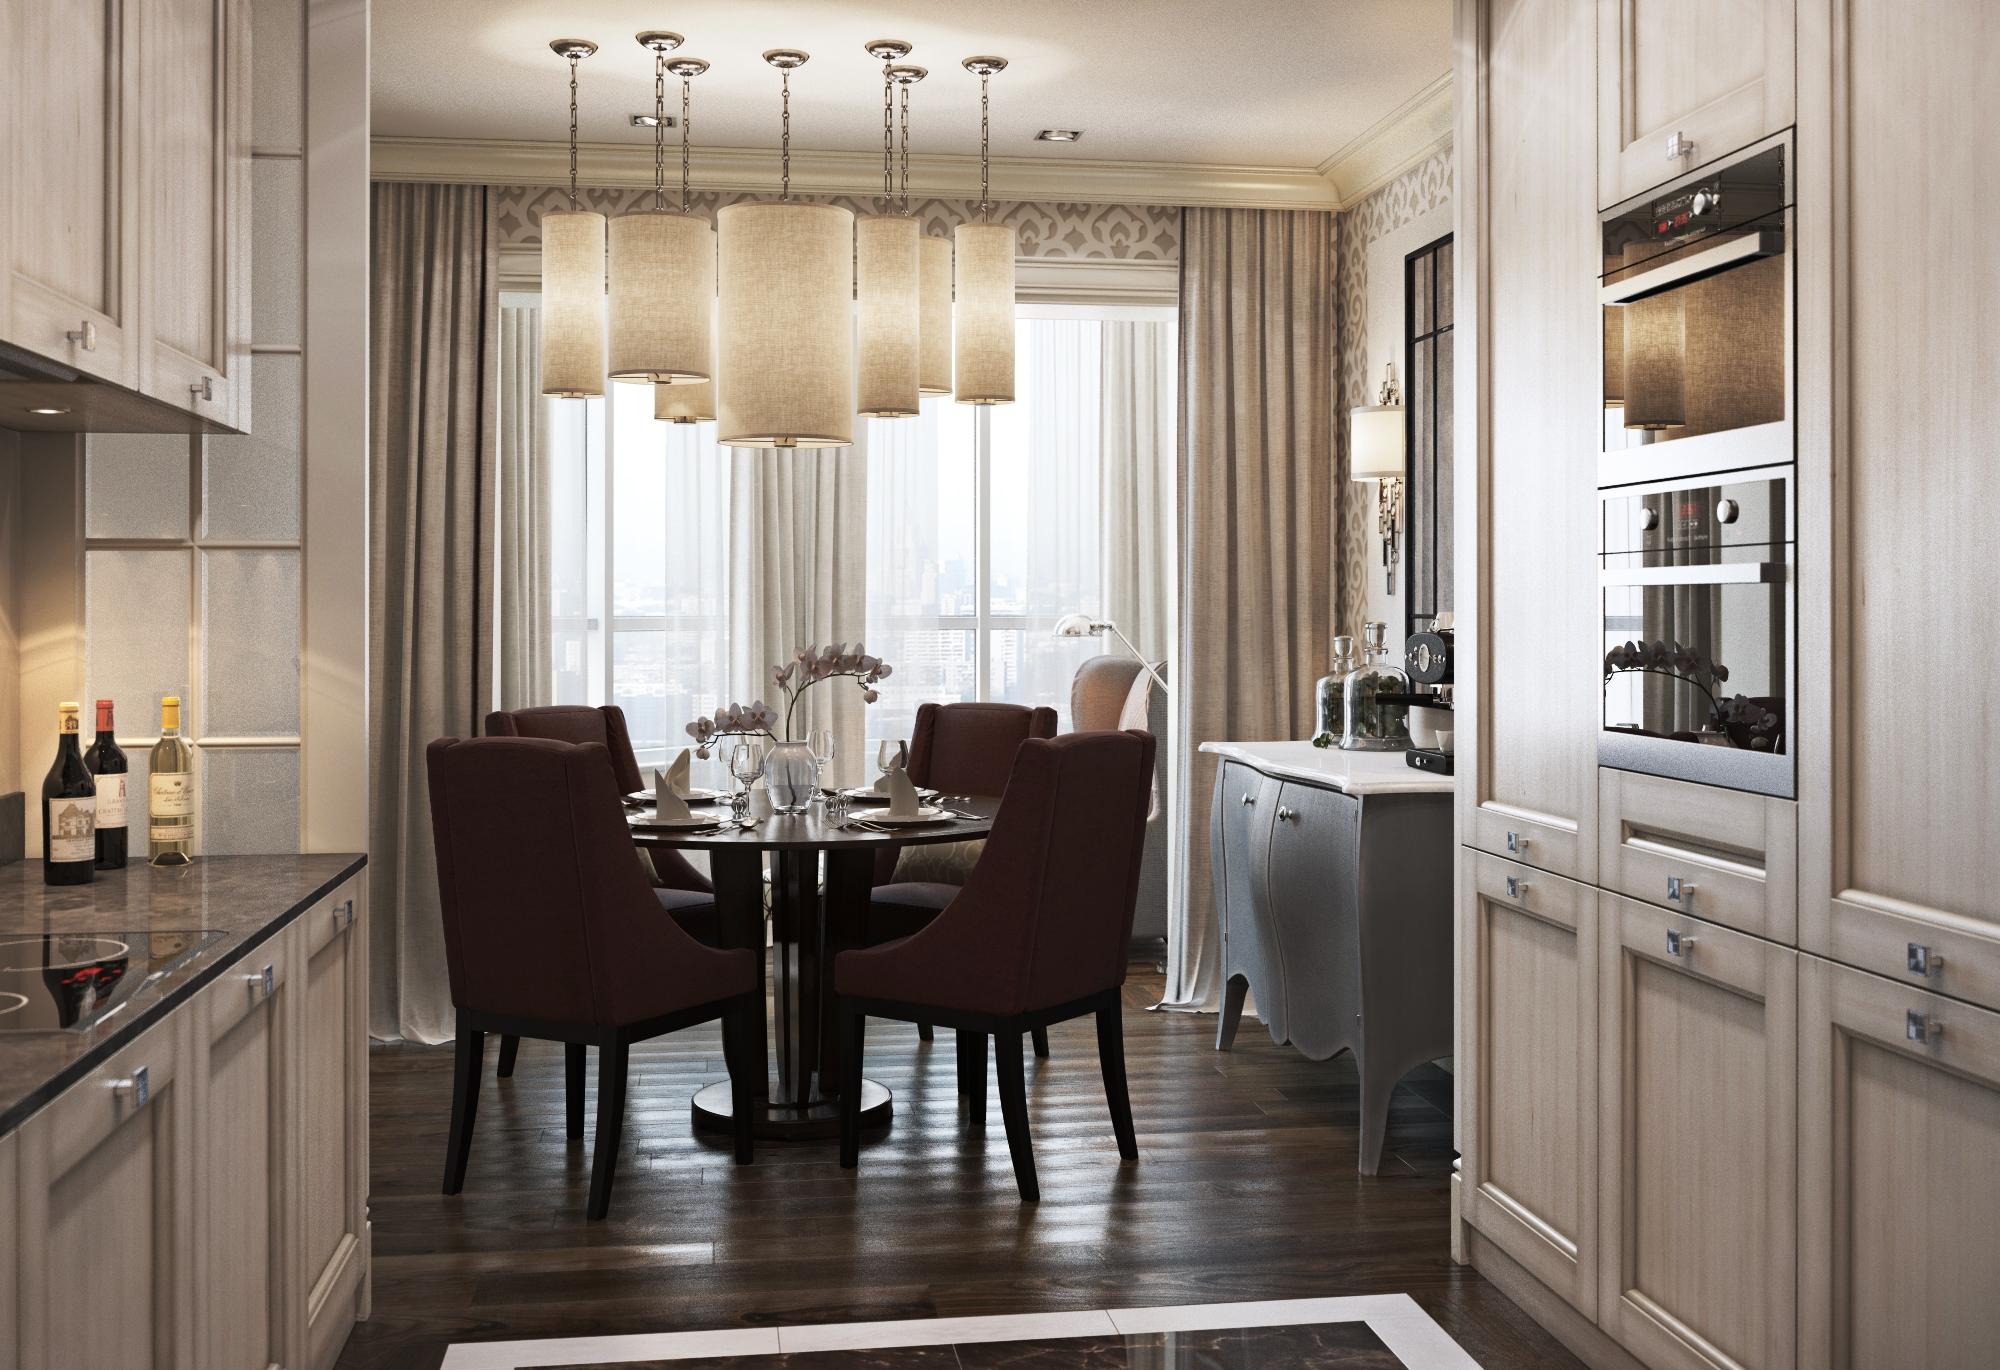 Кухня-гостиная с камином в стилистике прованса